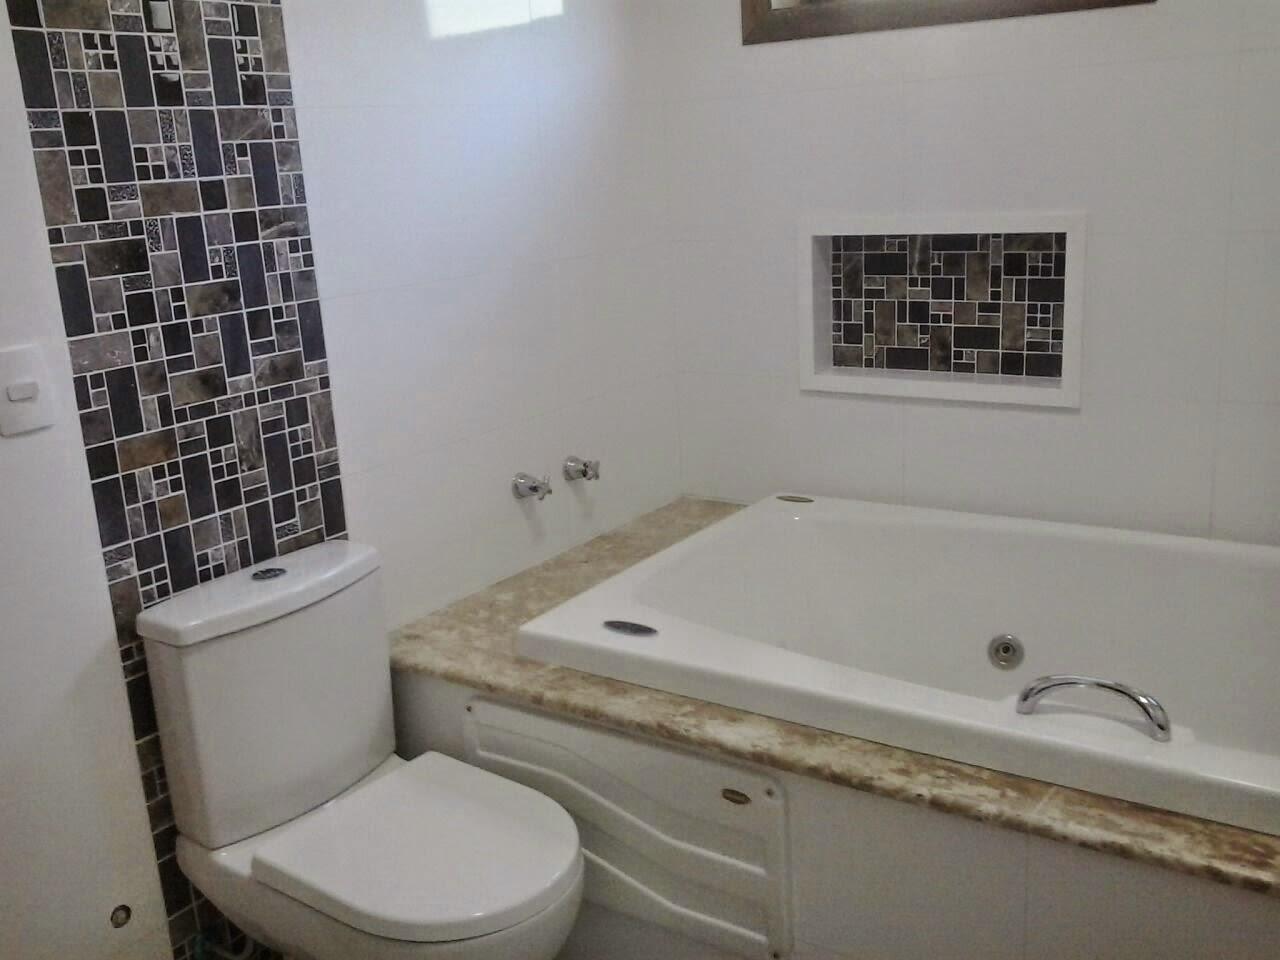 Azulejo Retificado c/ Pastilha #595045 1280x960 Banheiro Com Azulejo Retificado